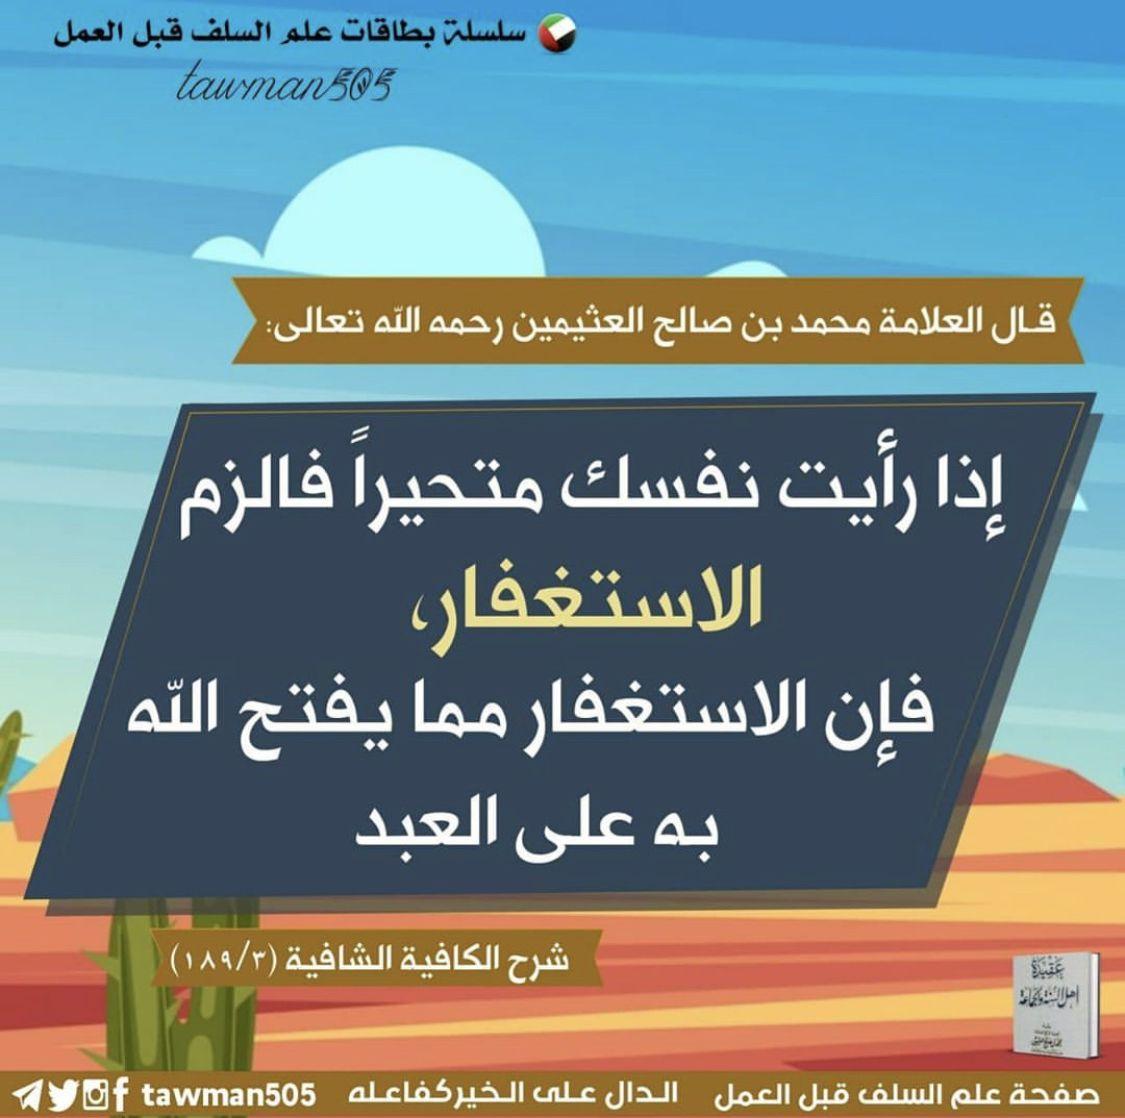 الحيرة Arabic Words Words Clc